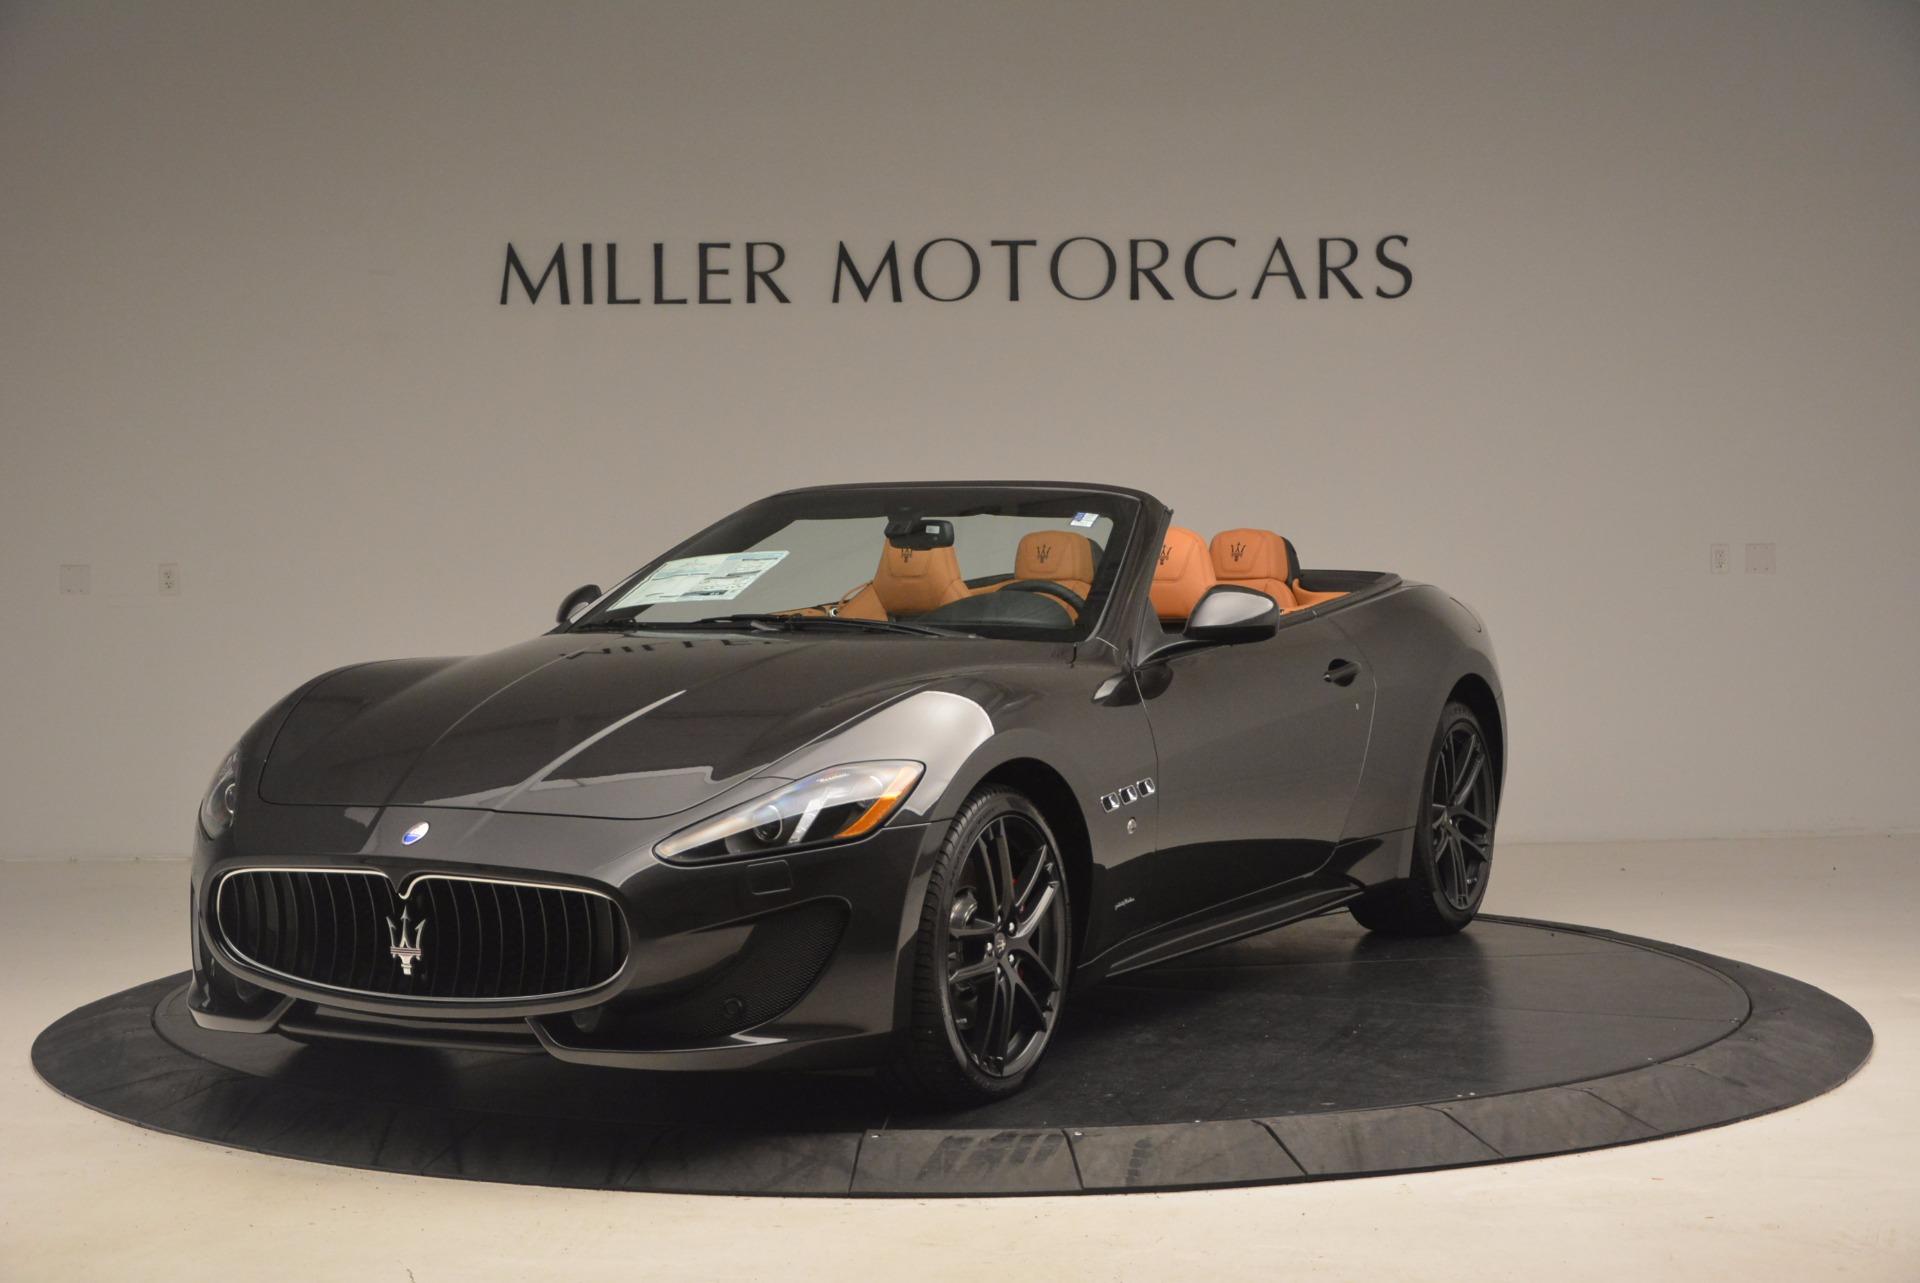 New 2017 Maserati GranTurismo Sport For Sale In Greenwich, CT 1154_main